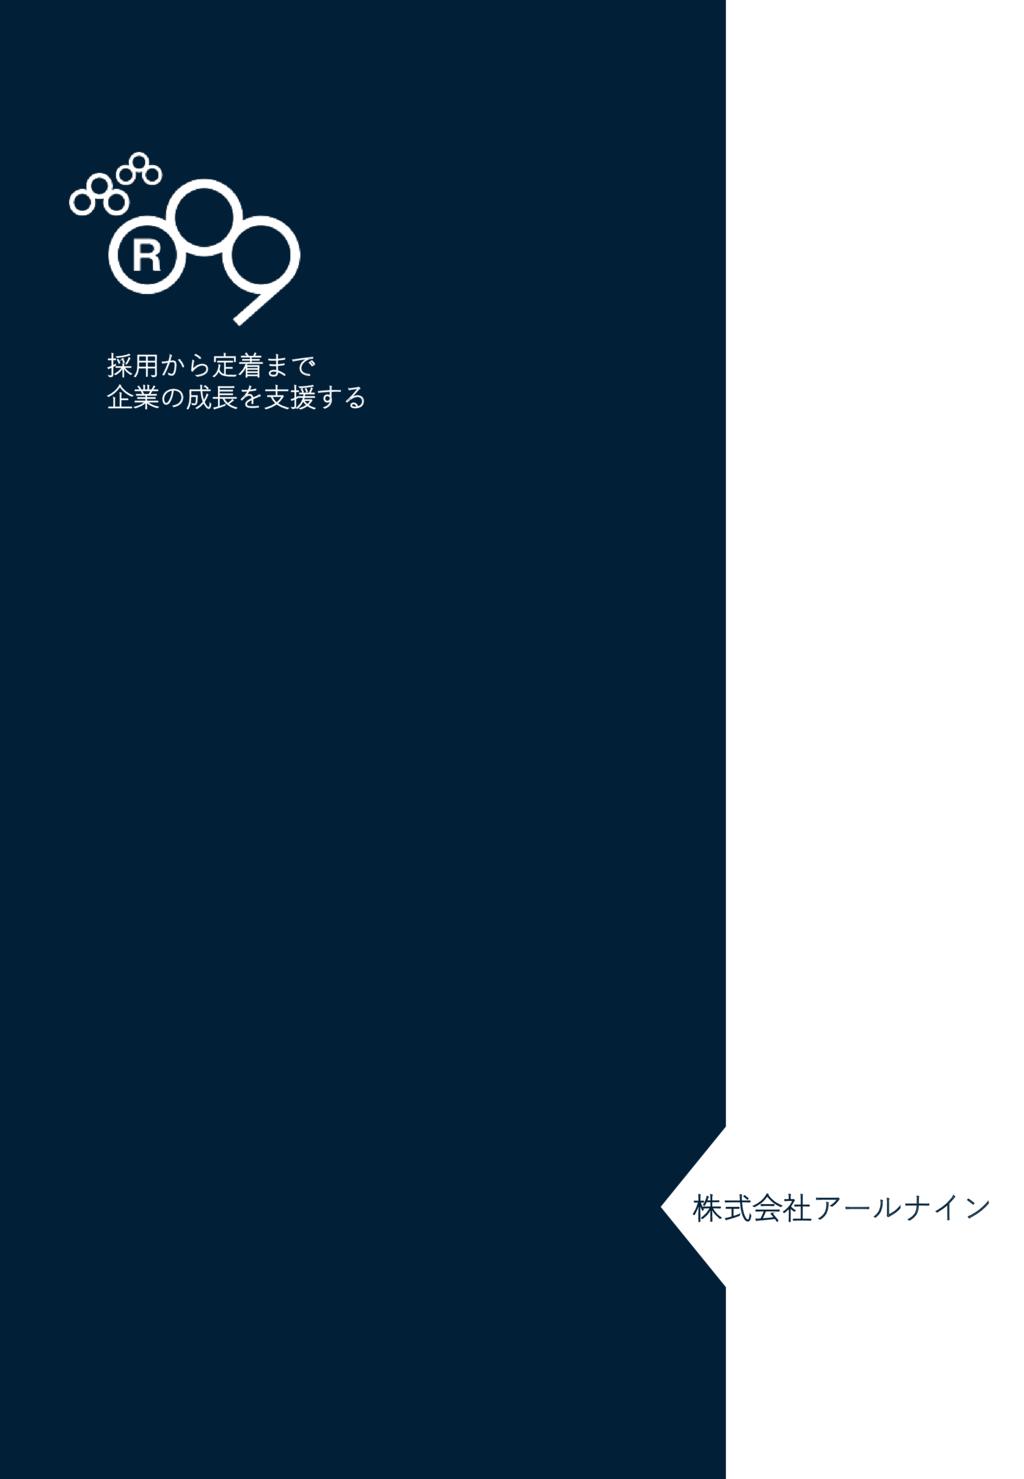 人事業務(採用・定着・研修)のコンサルティング・アウトソーシングの資料